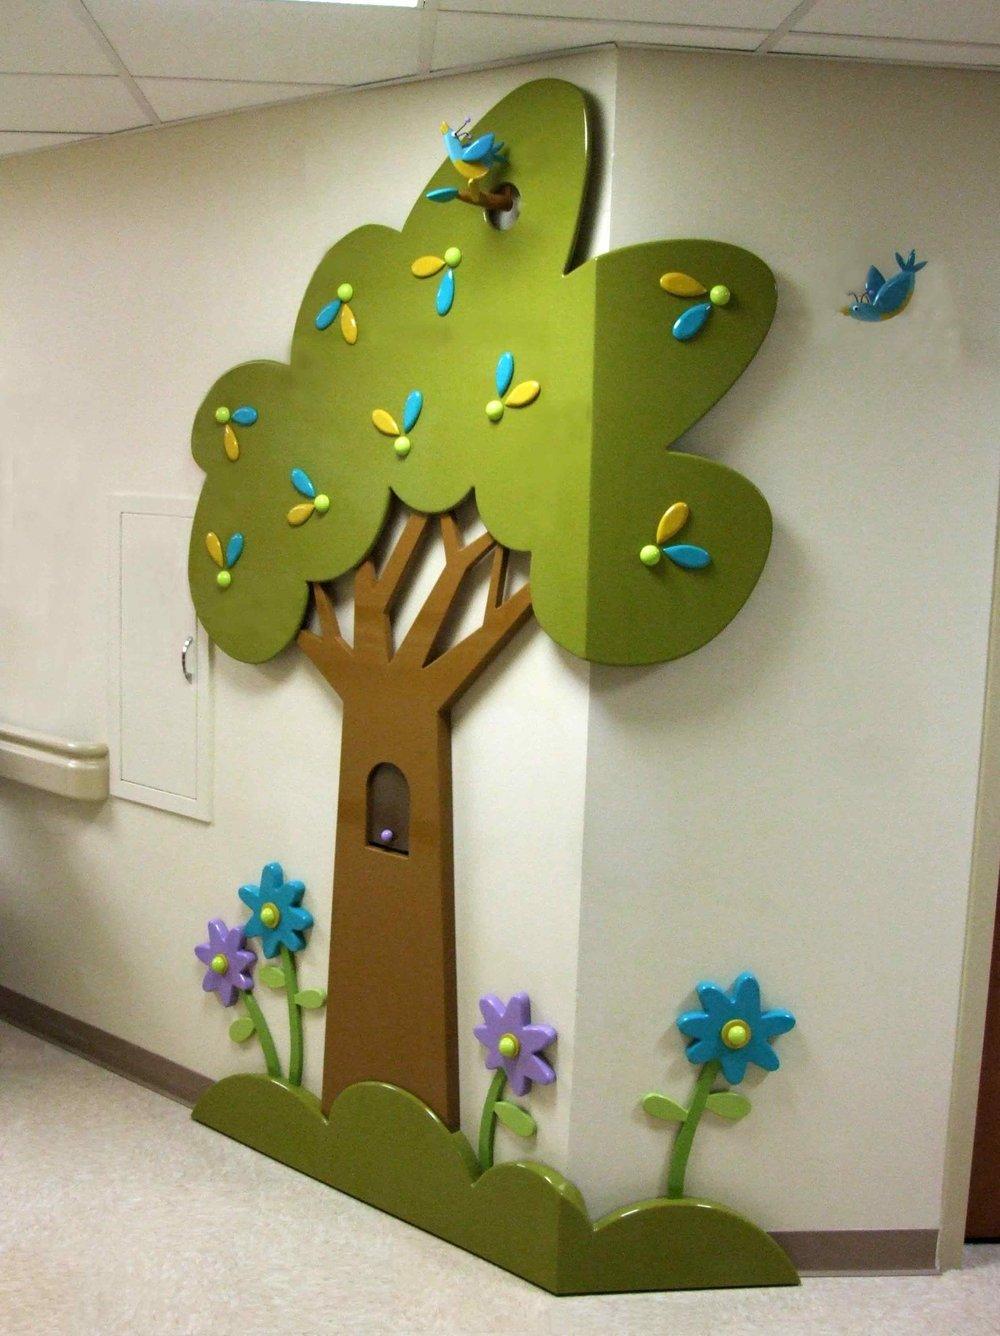 Garden Vignette installation